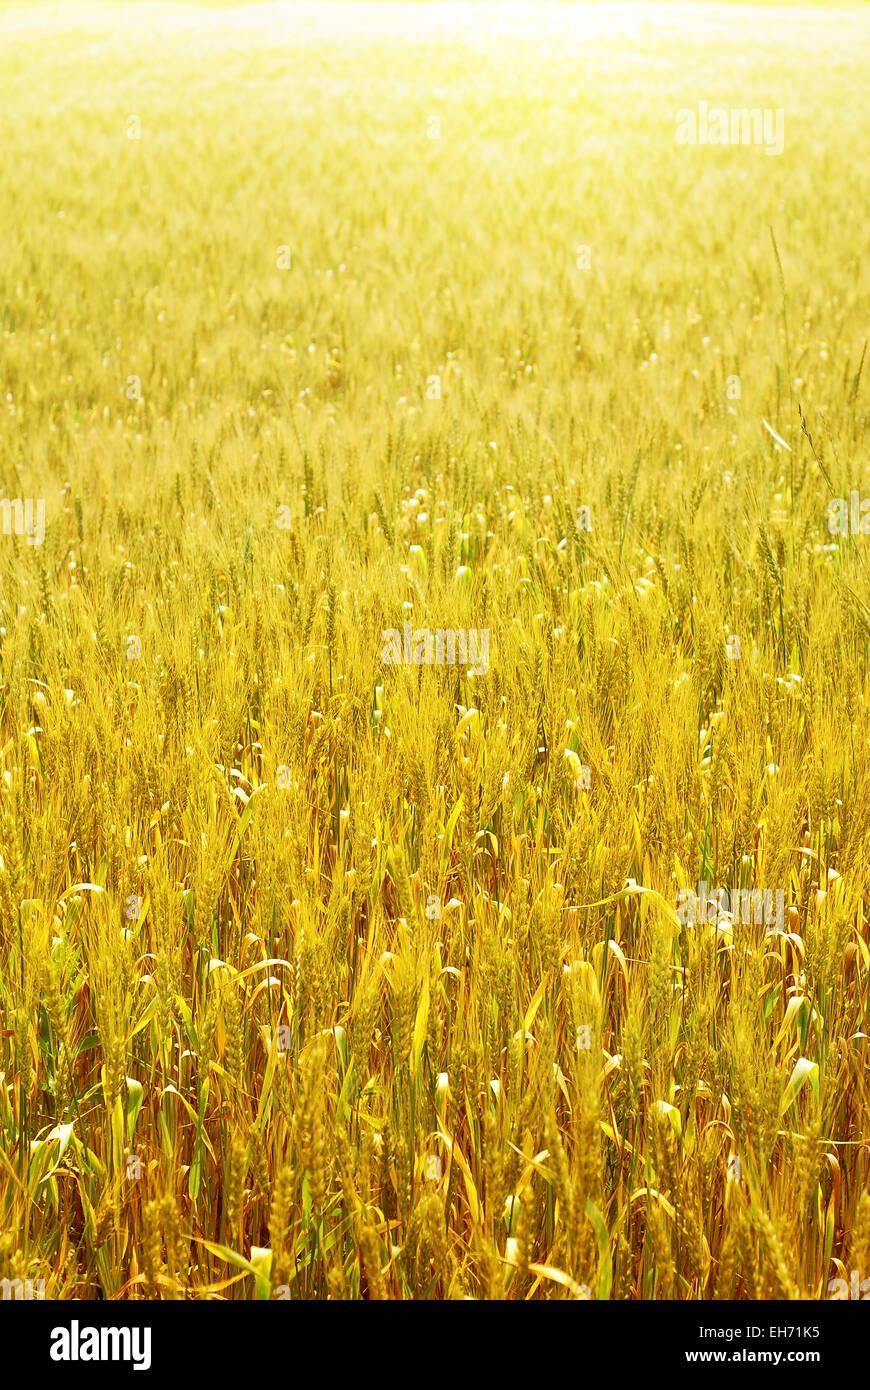 Luminose campo di grano sfondo verticale Immagini Stock